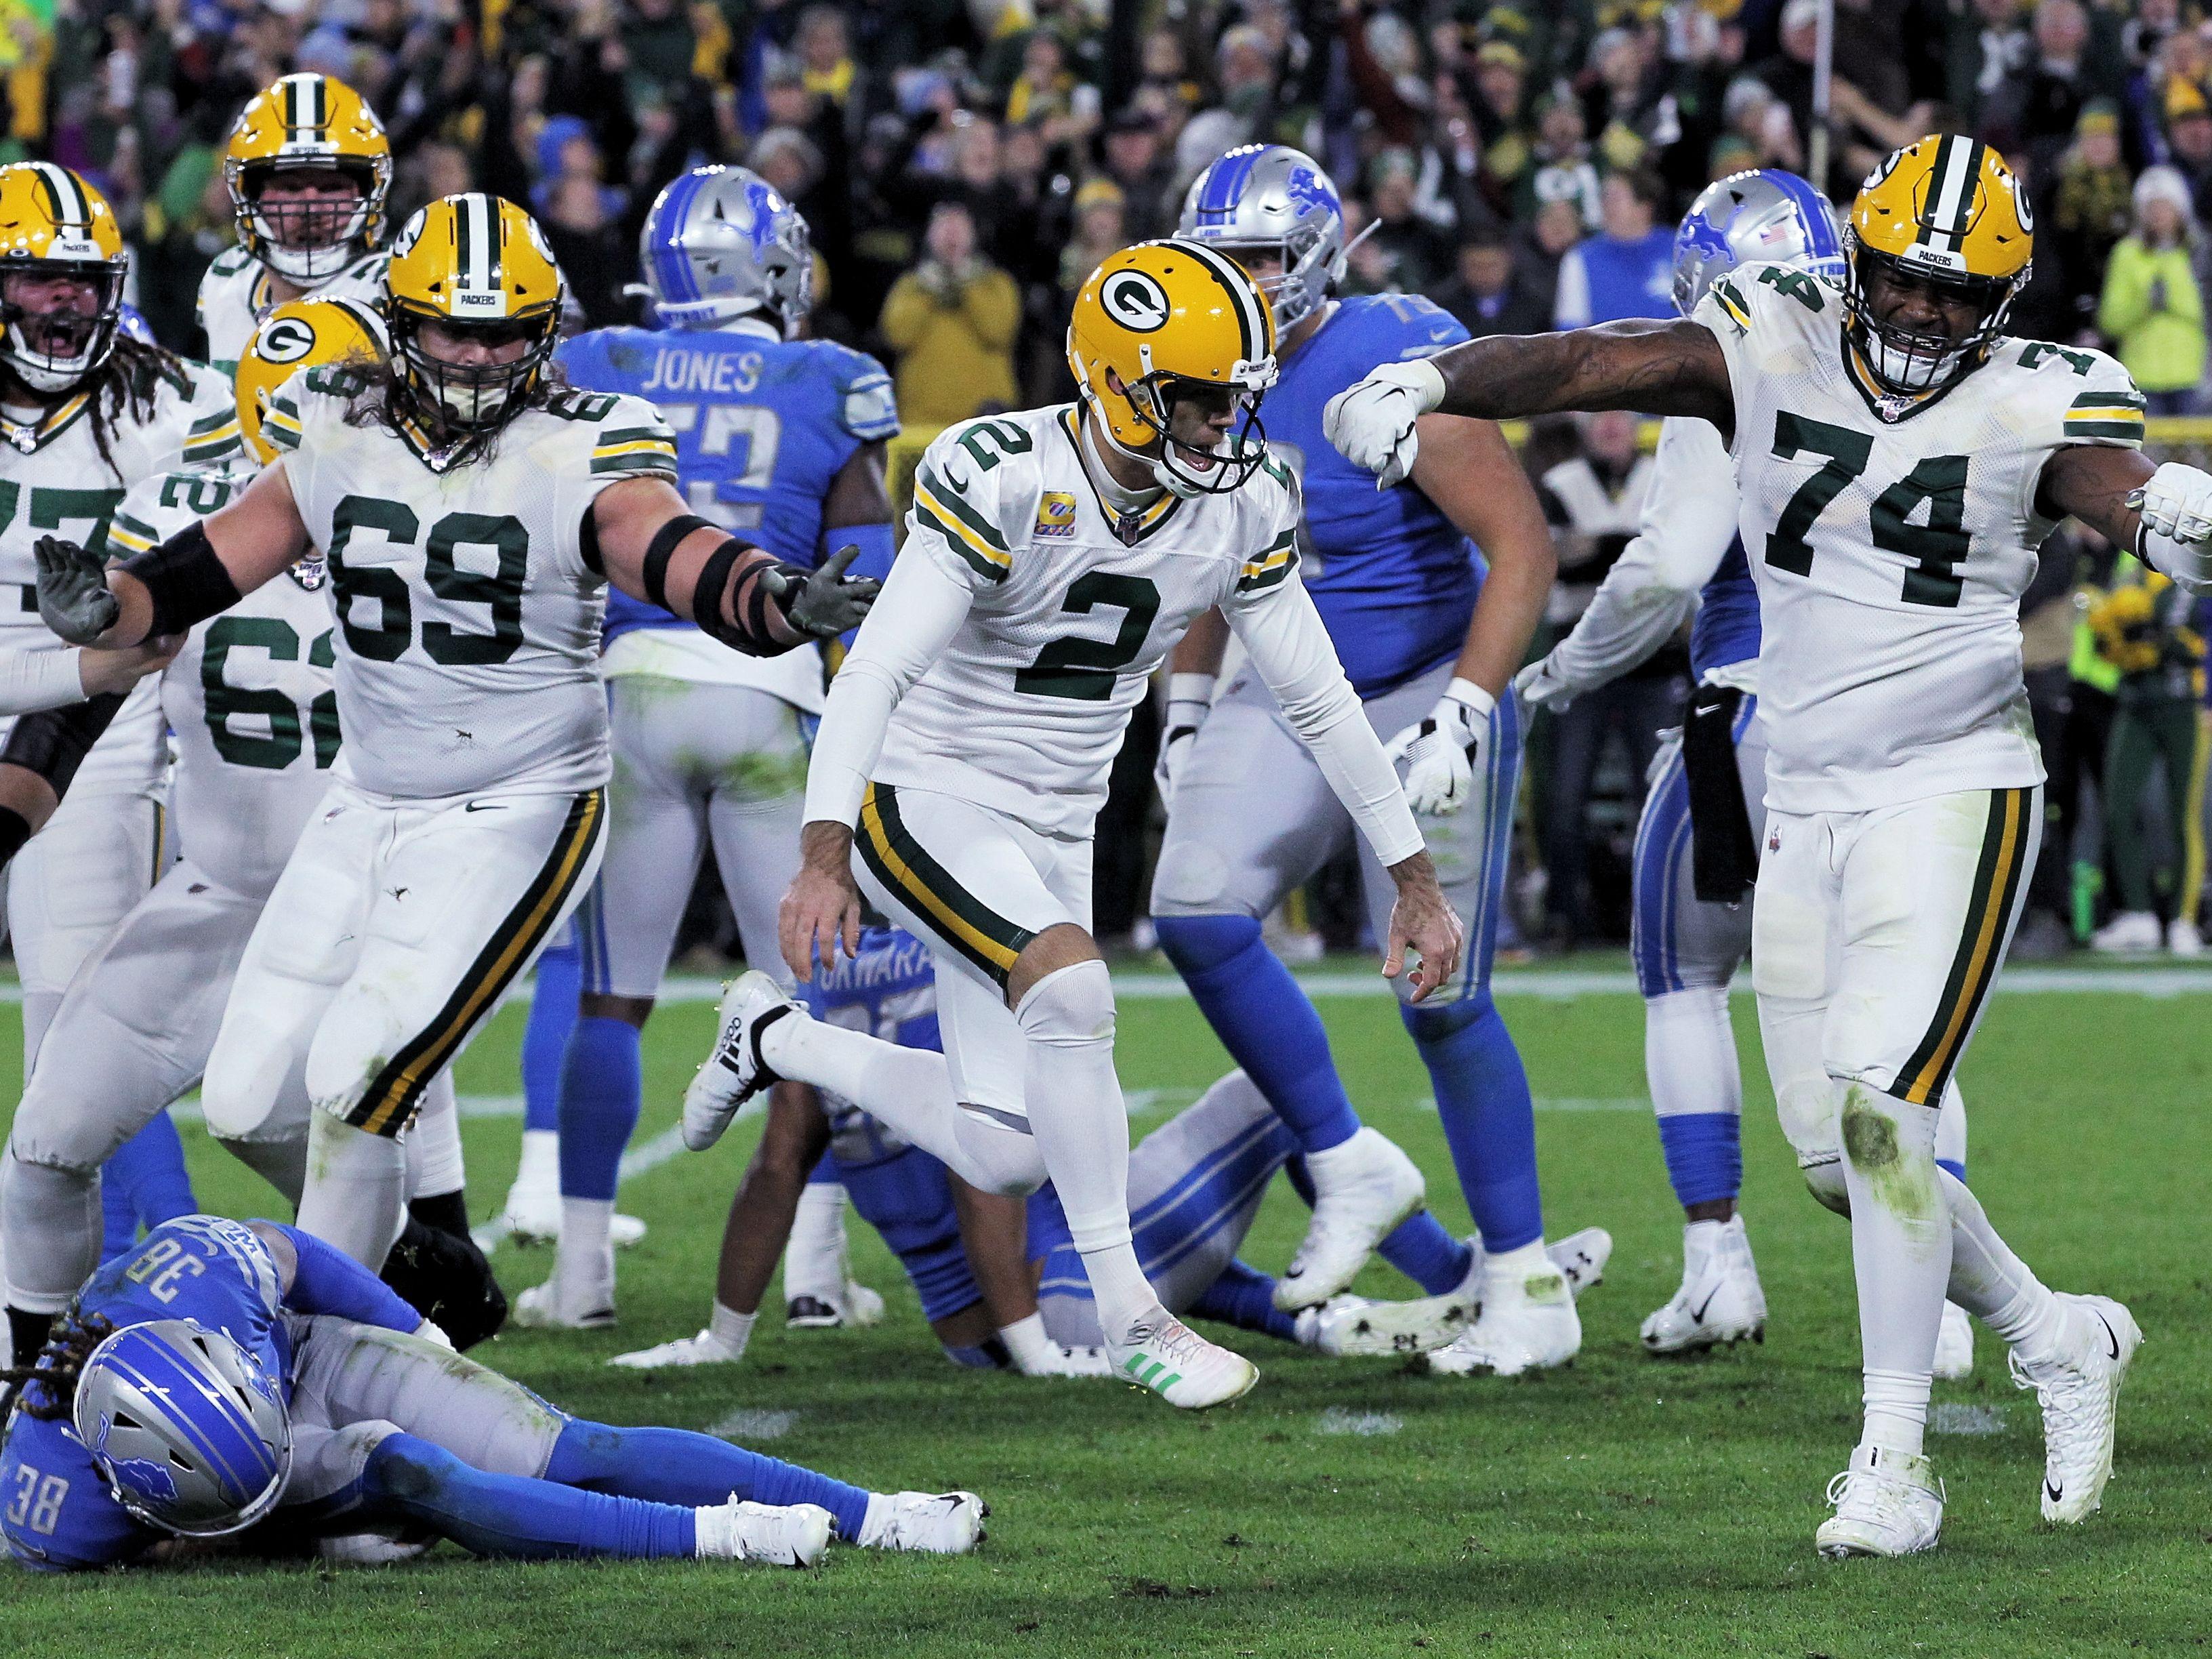 Mason Crosby (Mitte) ist Kicker der Green Bay Packers.